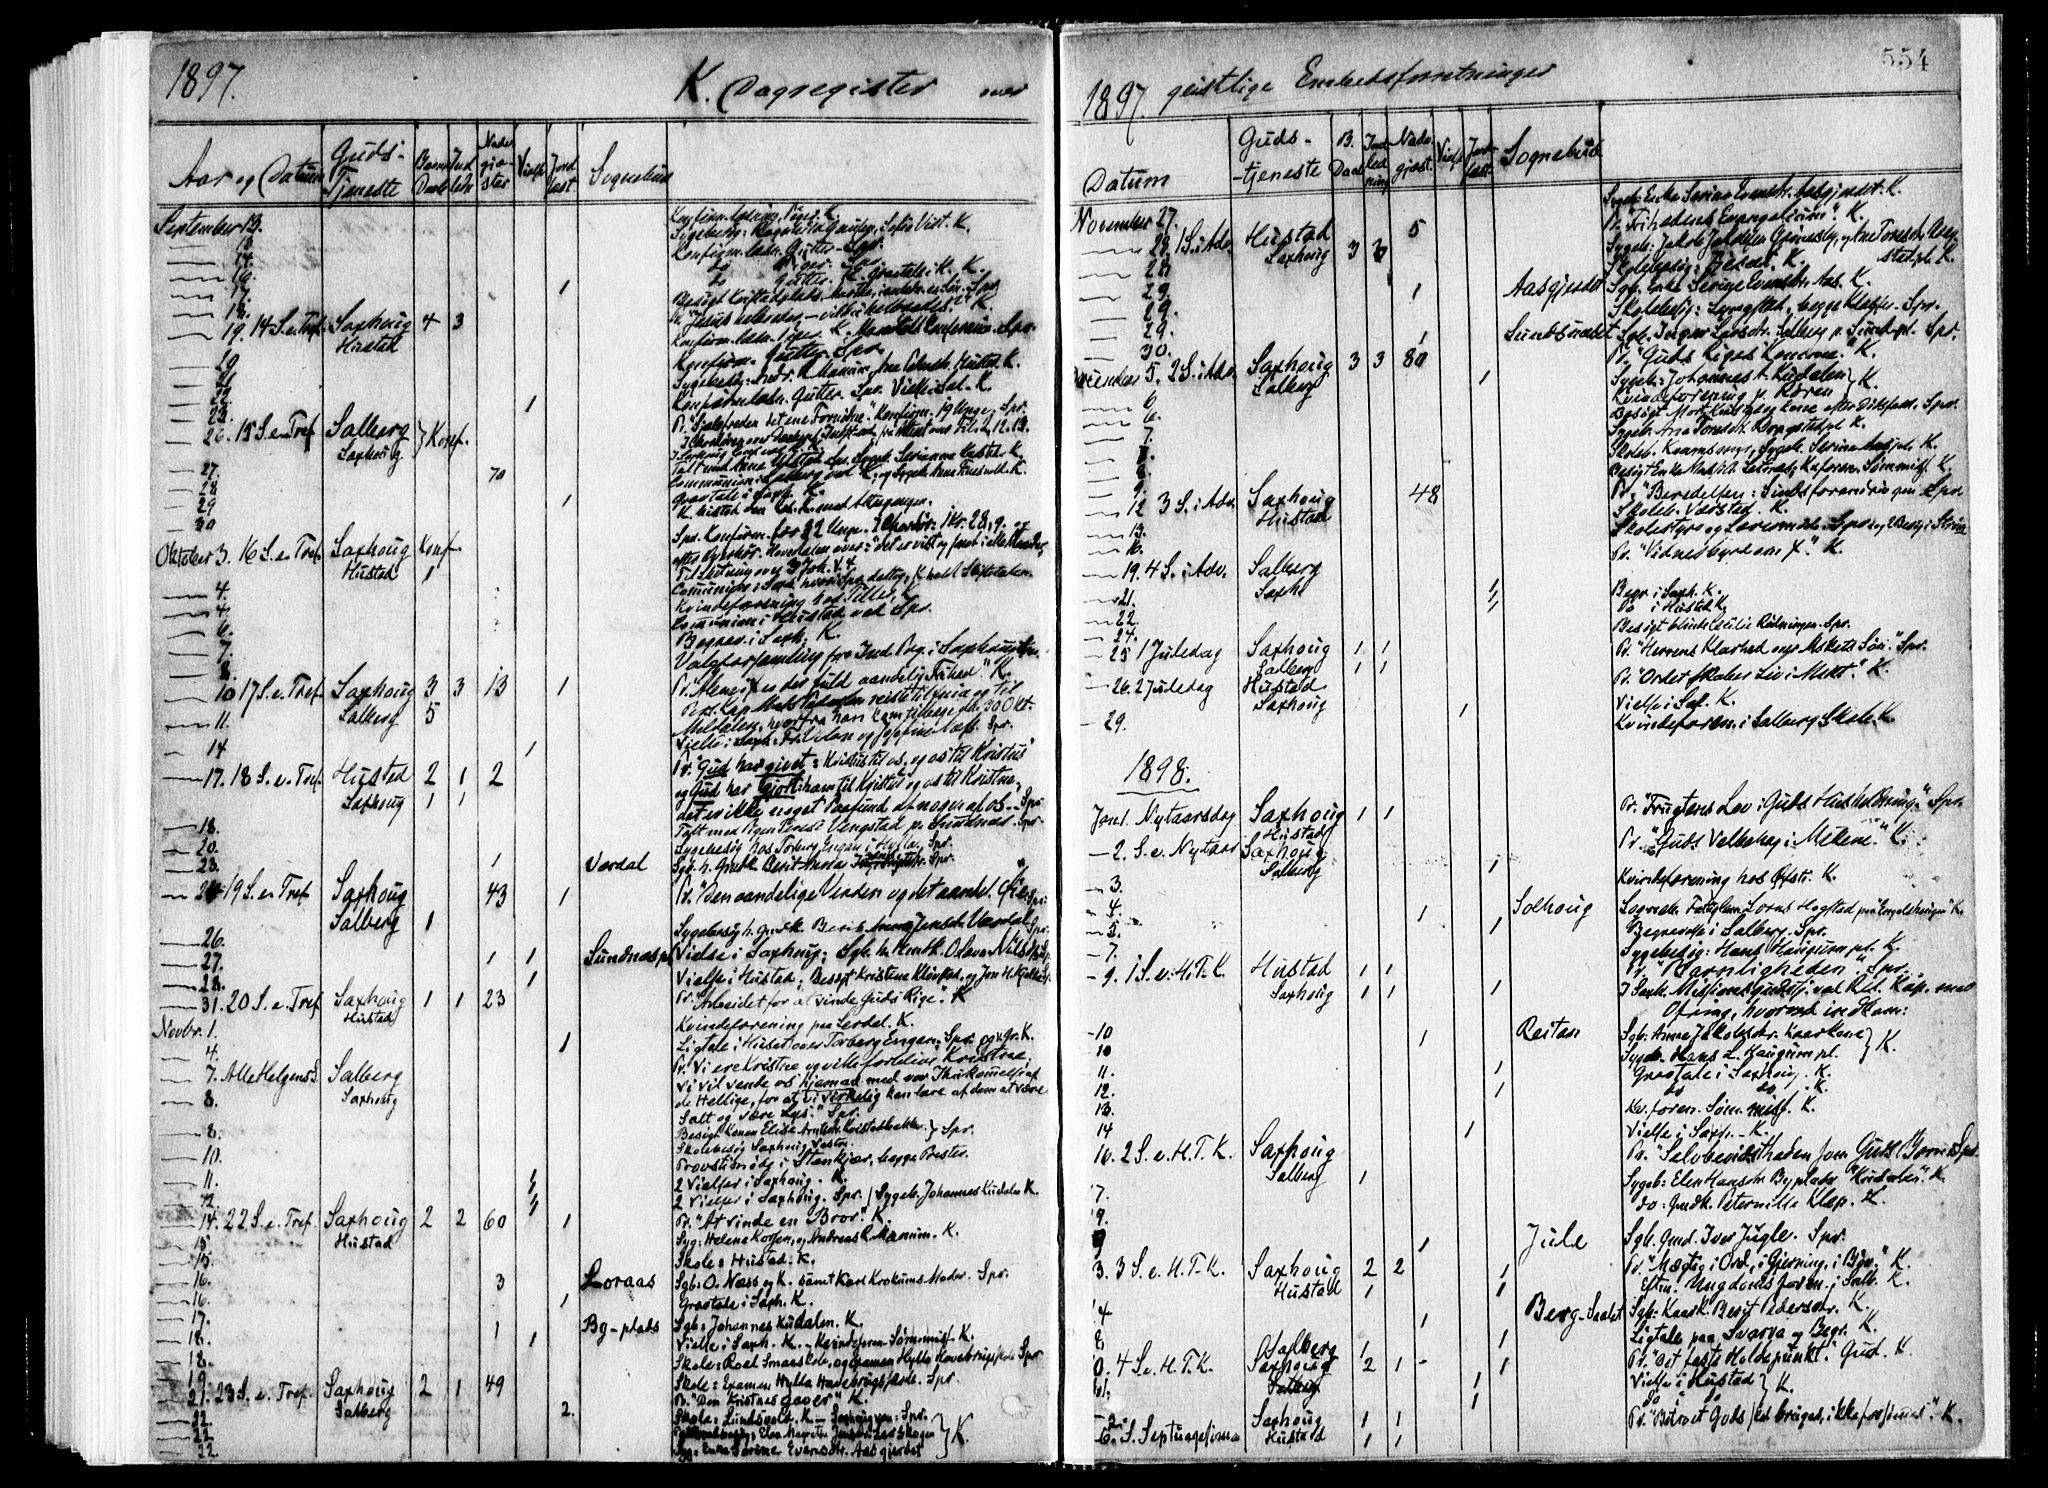 SAT, Ministerialprotokoller, klokkerbøker og fødselsregistre - Nord-Trøndelag, 730/L0285: Ministerialbok nr. 730A10, 1879-1914, s. 554